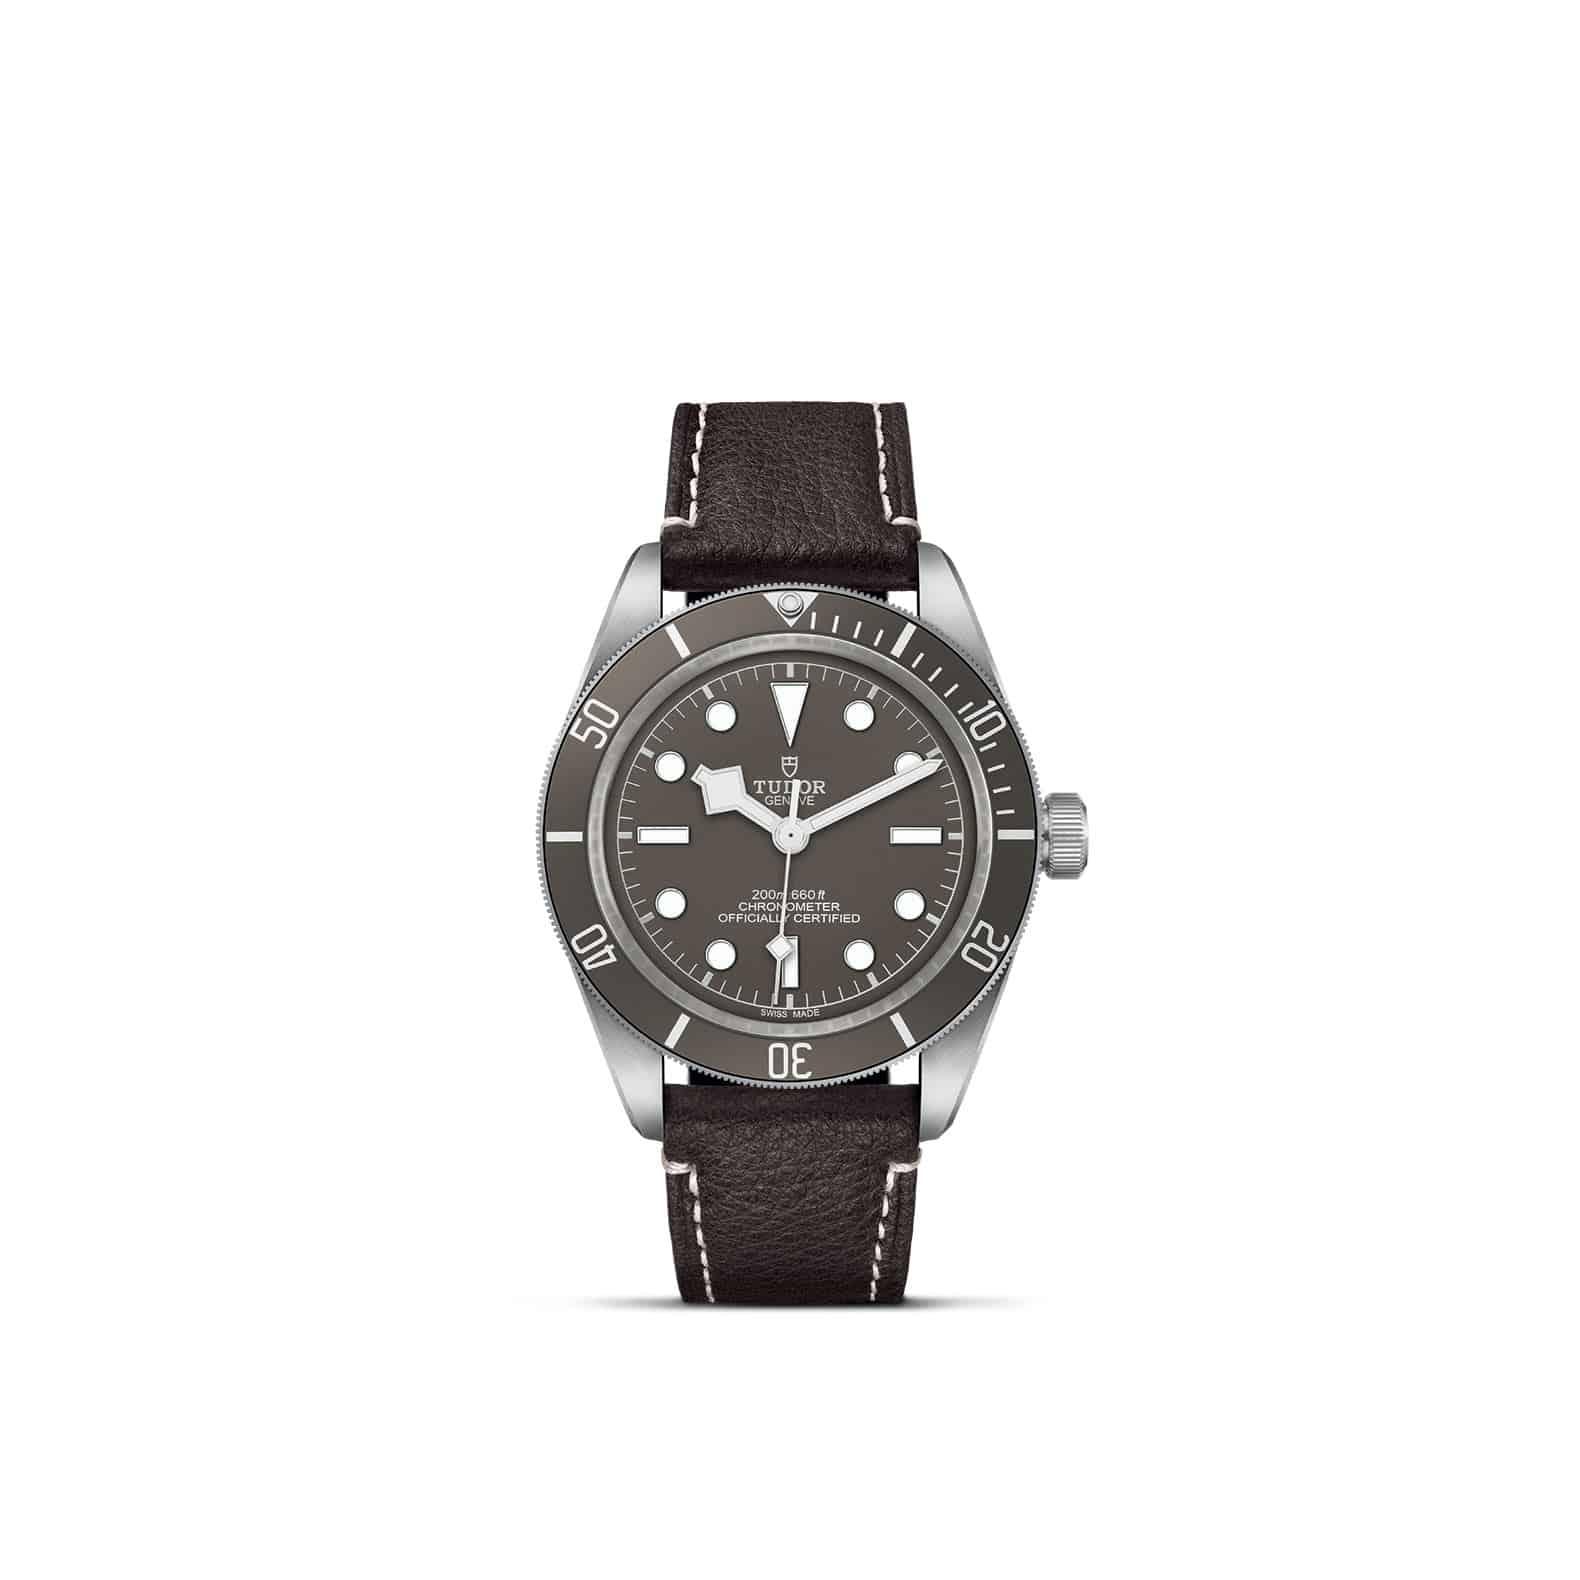 Tudor Black Bay Fifty-Eight 925 mit Gehäuse aus Silber und Lederband und taupefarbenem Zifferblatt